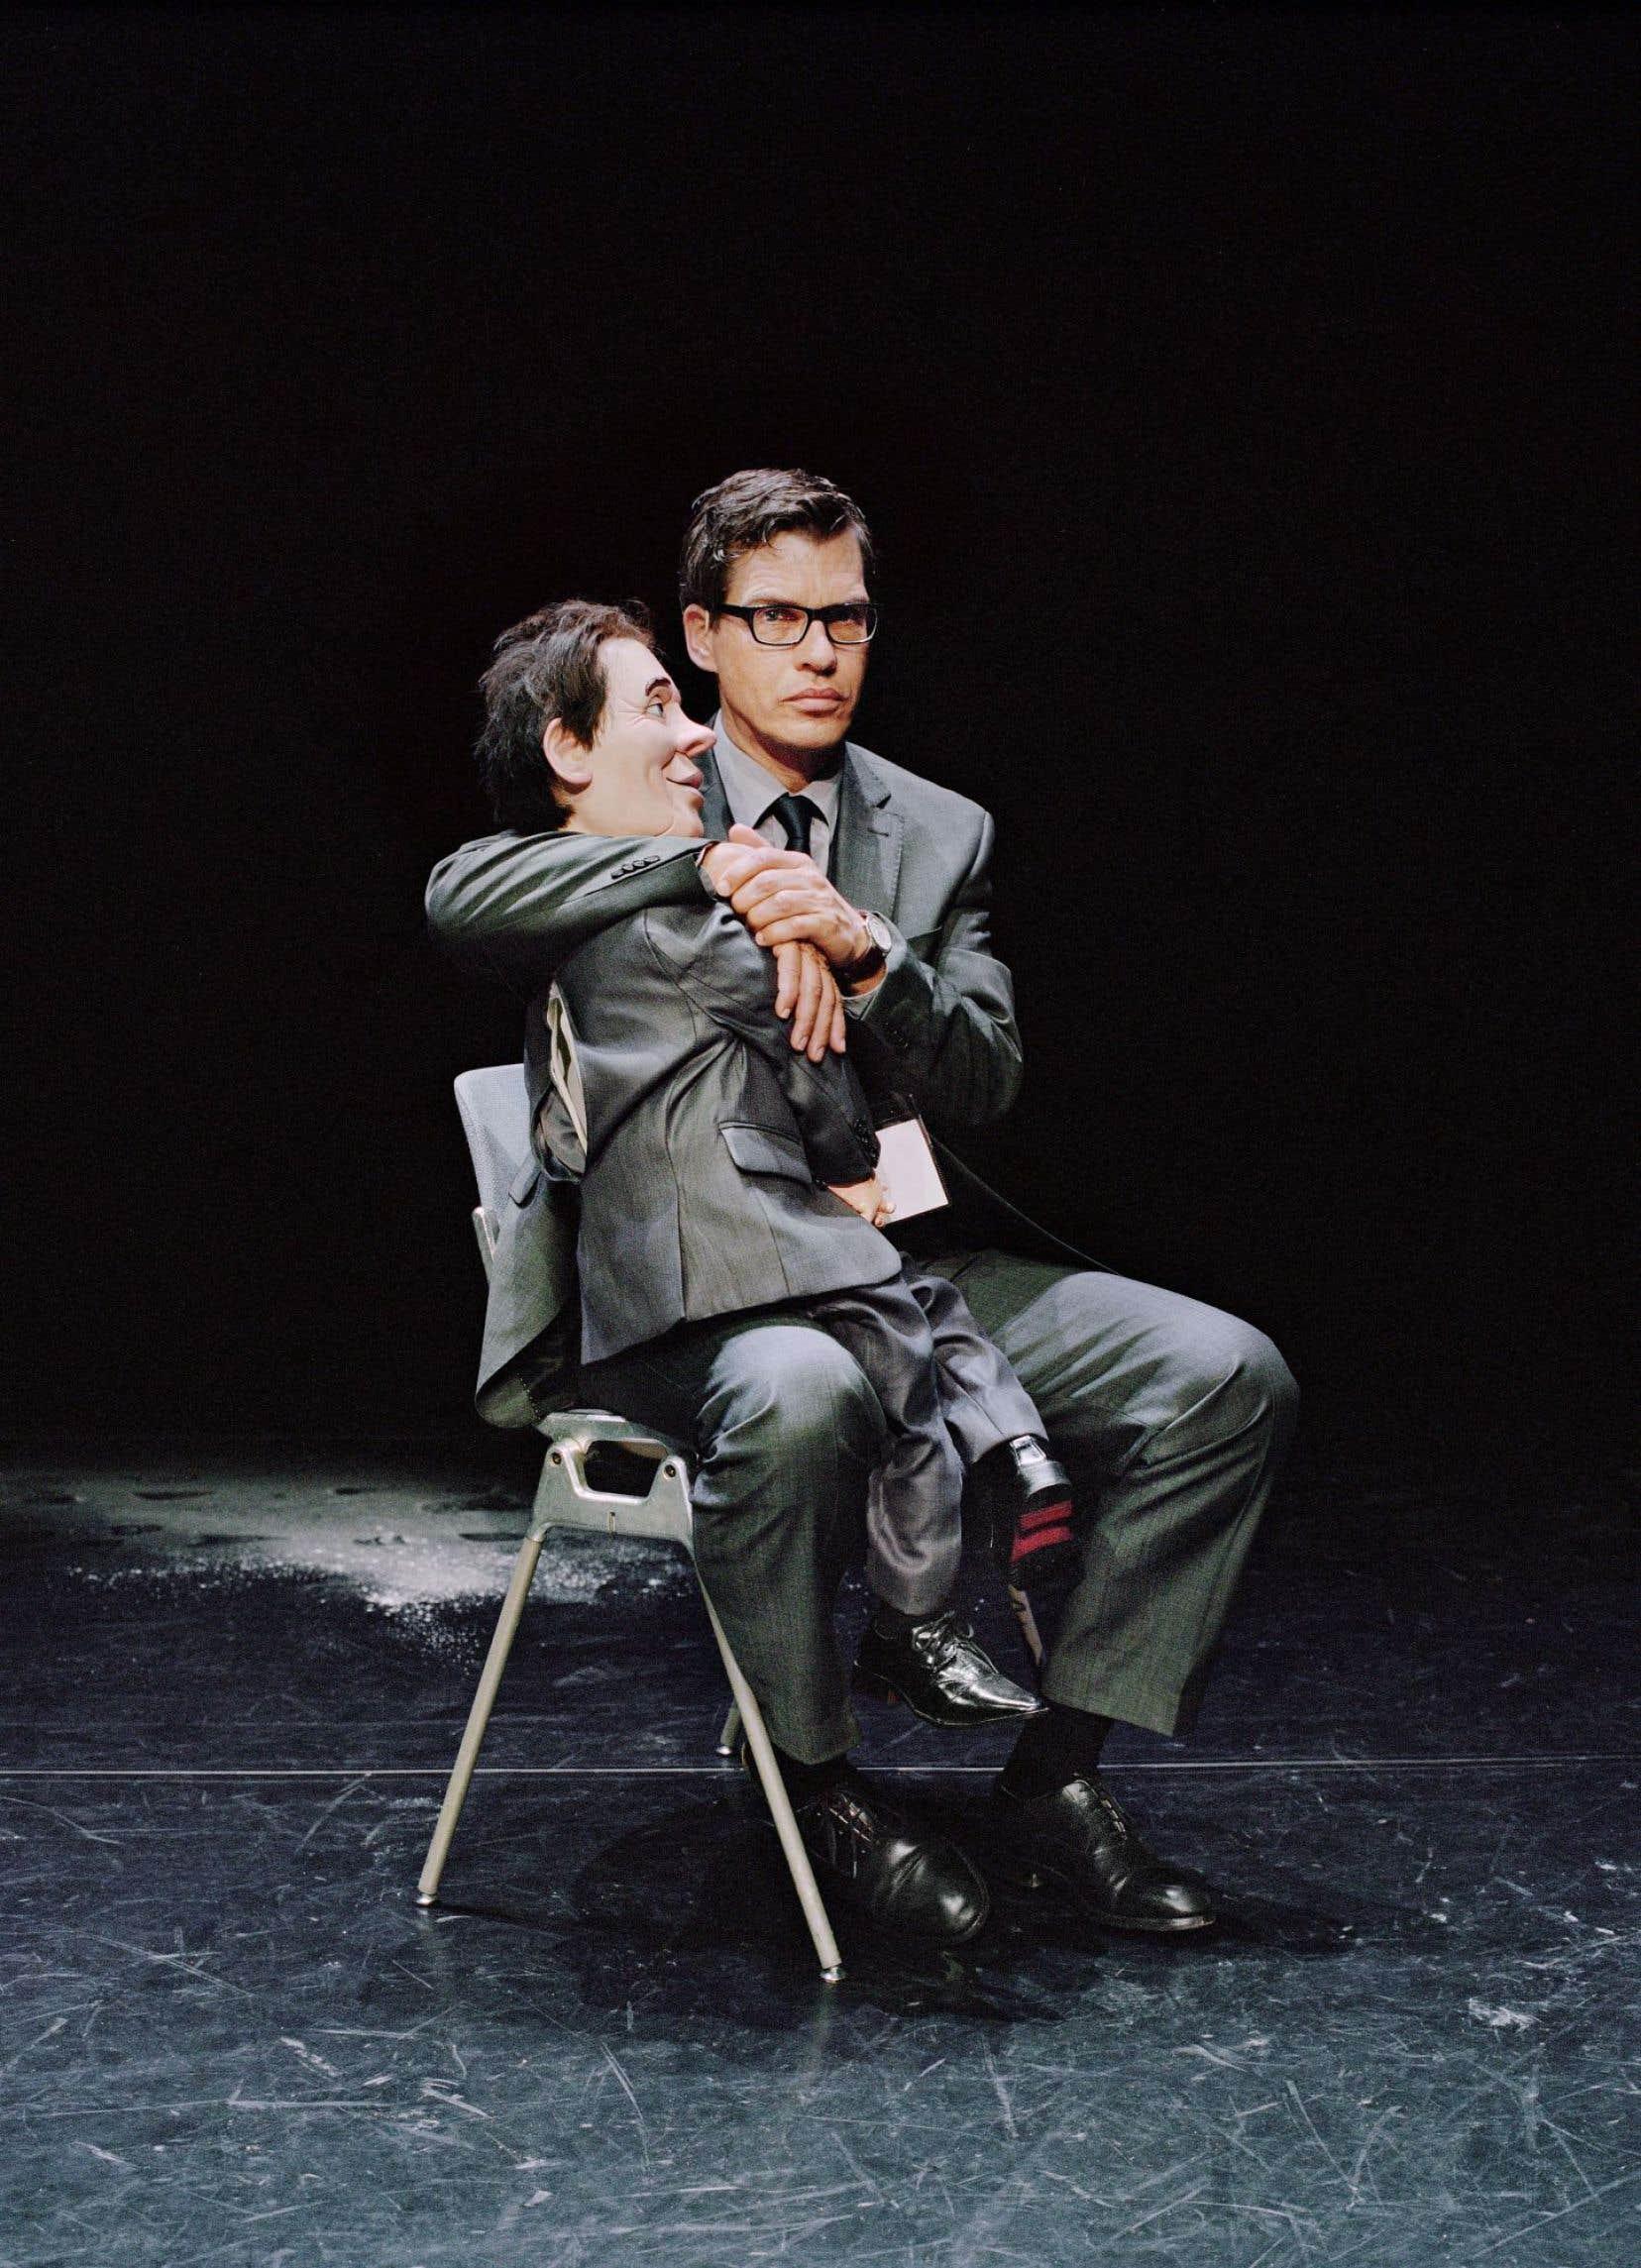 Comme l'image du performeur avec sa poupée parlante renvoie souvent à un imaginaire forain dépassé, Gisèle Vienne veut faire reconnaître la valeur artistique de la ventriloquie.